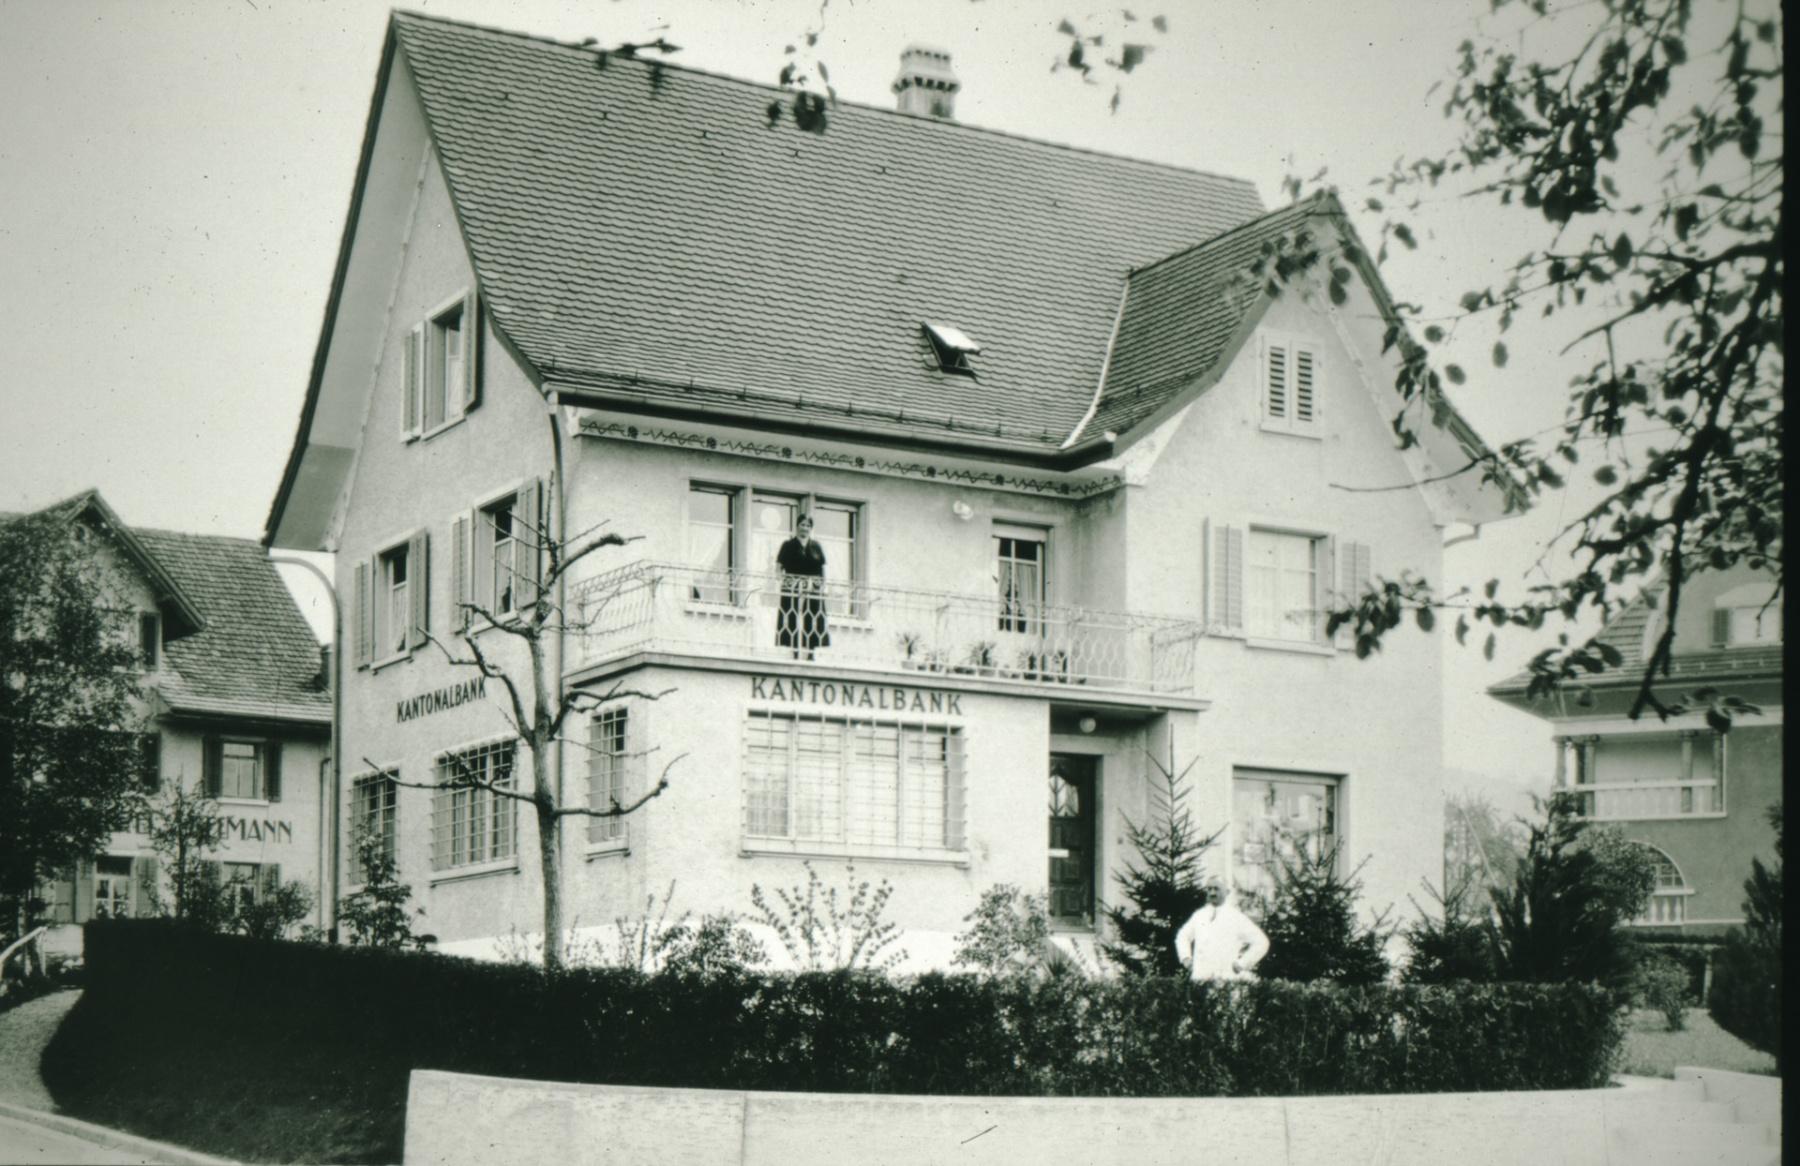 Bahnhofstr, Zürcher Kantonalbank (mit Bankdirektor Jakob Heusser und Sophie Heusser)